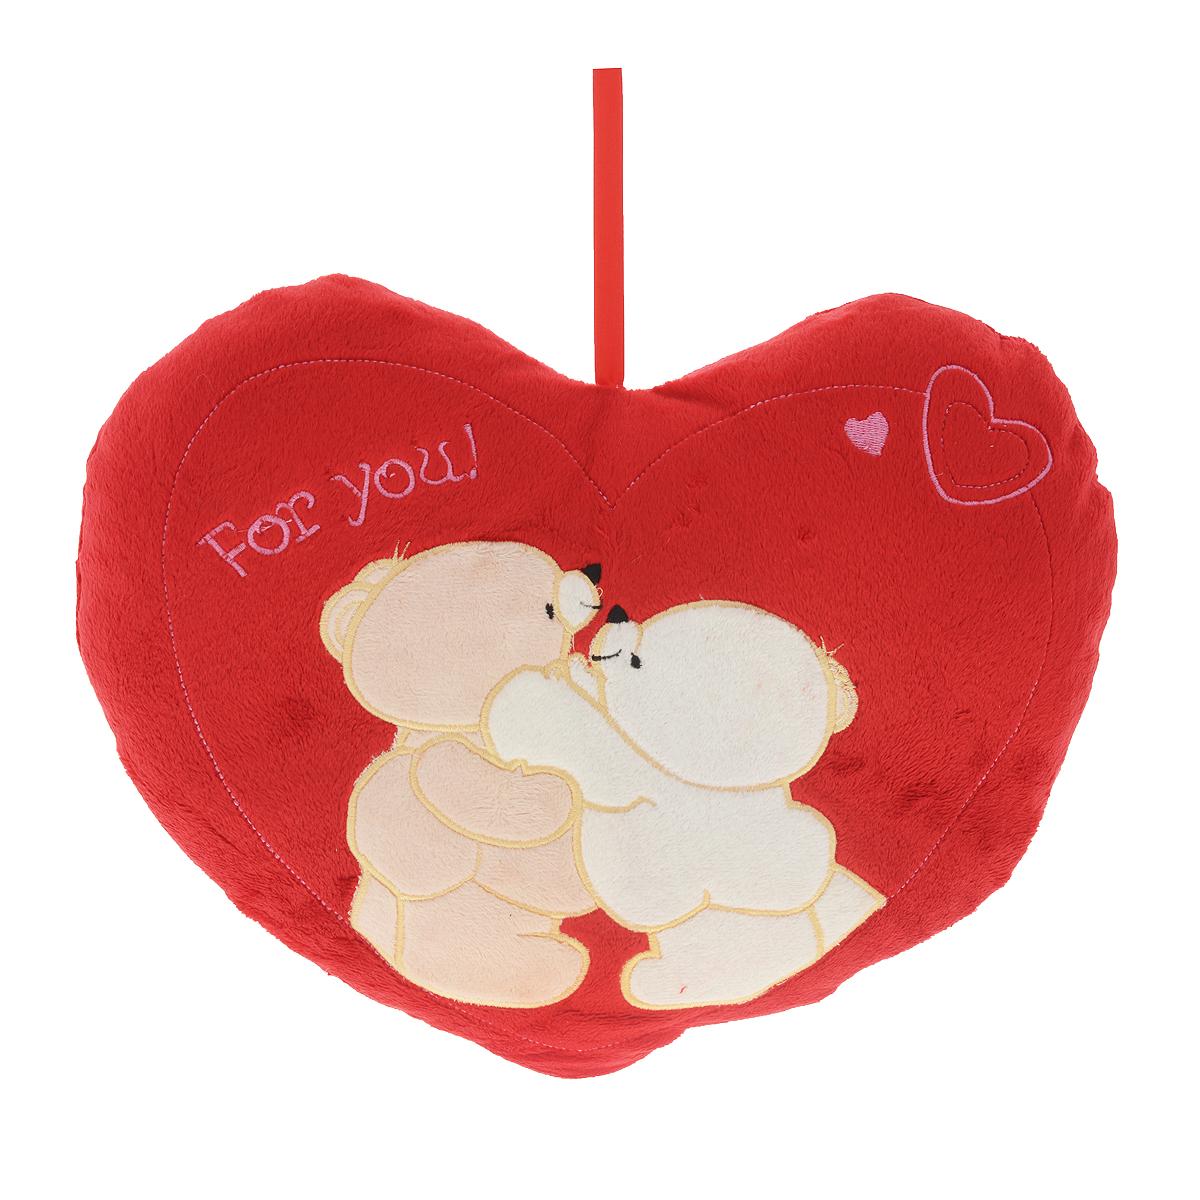 Подушка декоративная Сердце-3, мишкиСВП-40х40/3 мишкиДекоративная подушка Сердце-3 выполнена из искусственного меха красного цвета и украшена аппликацией. Петля в верхней части позволит повесить подушку в удобном для вас месте. Такая подушка будет прекрасным подарком вашим родным и друзьям.